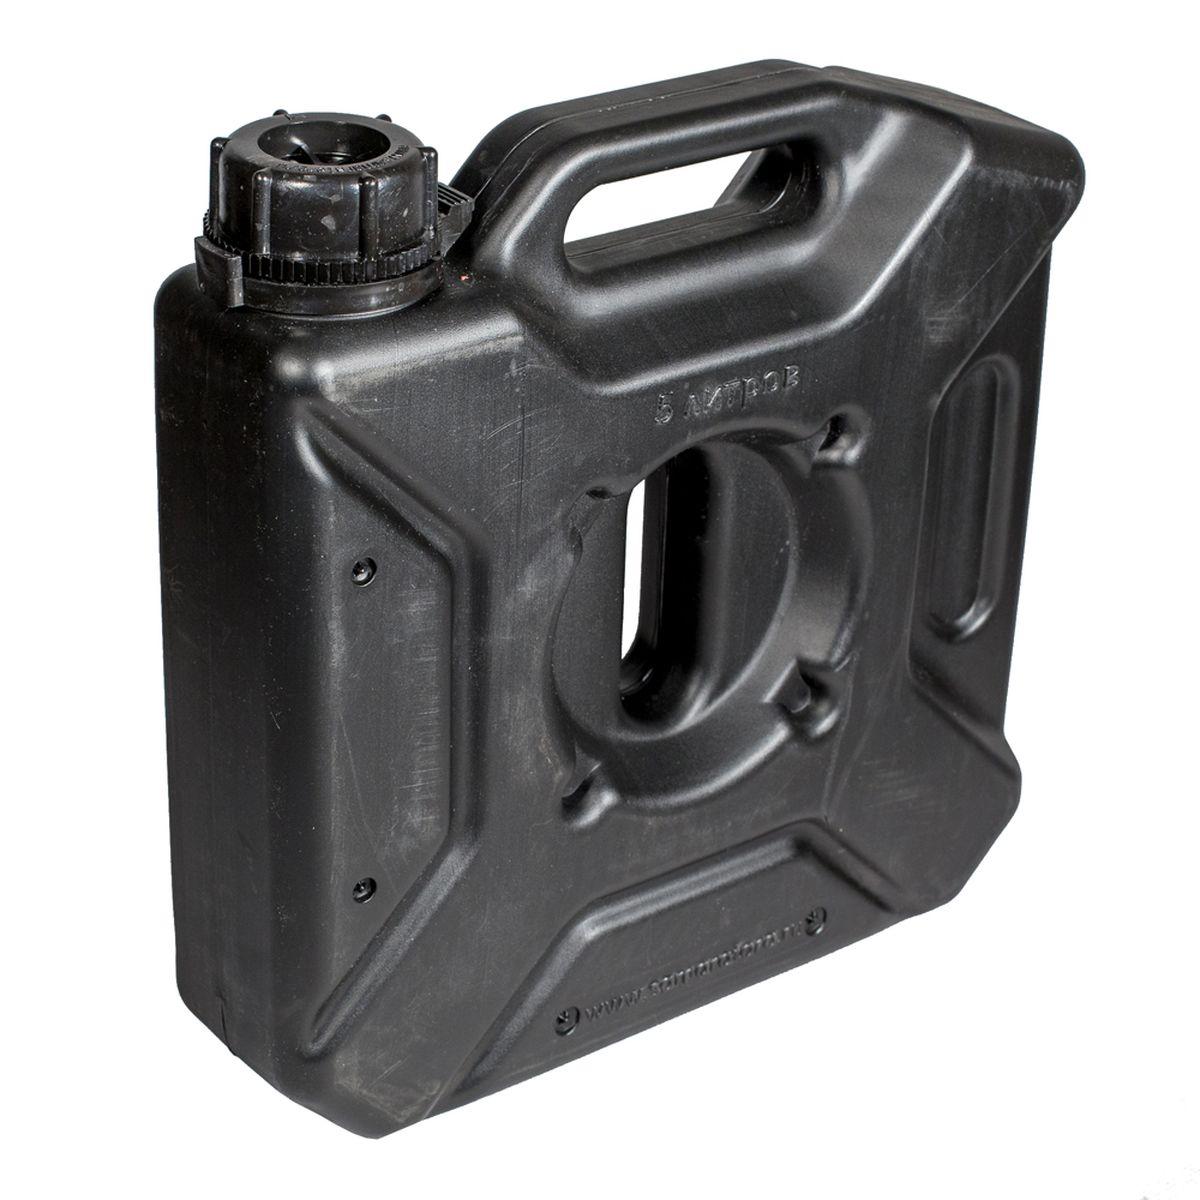 Канистра автомобильная Экстрим Плюс, цвет: черный, 5 л канистра пластиковая для гсм 10л 62 4 009